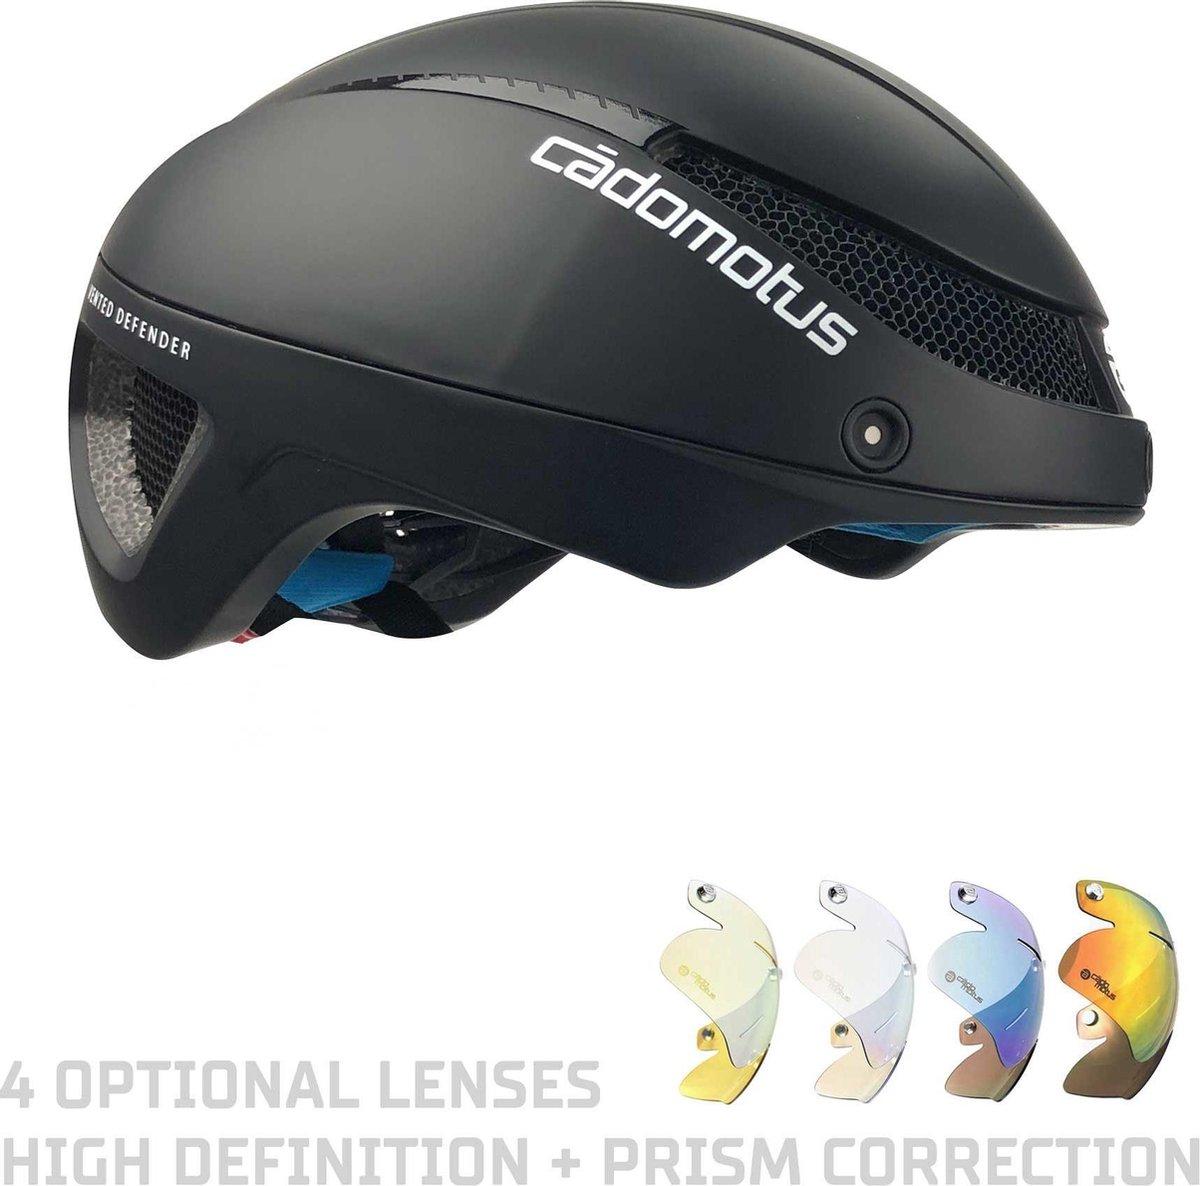 CADOMOTUS Omega Aero Helm Maat S (50-55cm) | Professionele Aerodynamische Helm voor Schaatsen, Fietsen, Triathlon en Skaten | Ultra Licht & Lage weerstand | Voor Volwassenen | Vizier Optioneel